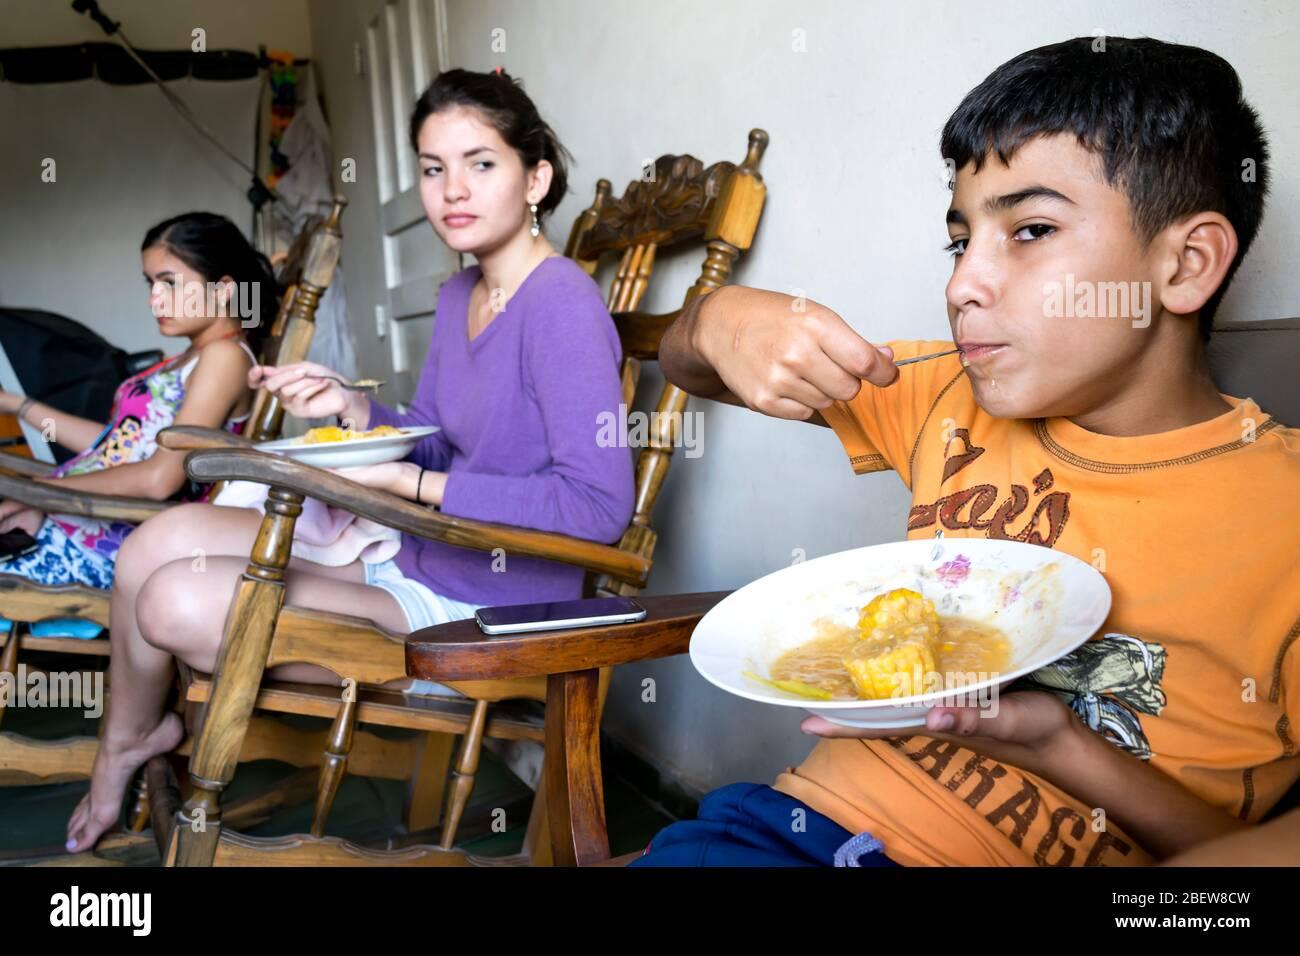 Scena reale di una famiglia latina che condivide il pranzo, stanno avendo un pasto tradizionale fatto di mais. Foto Stock